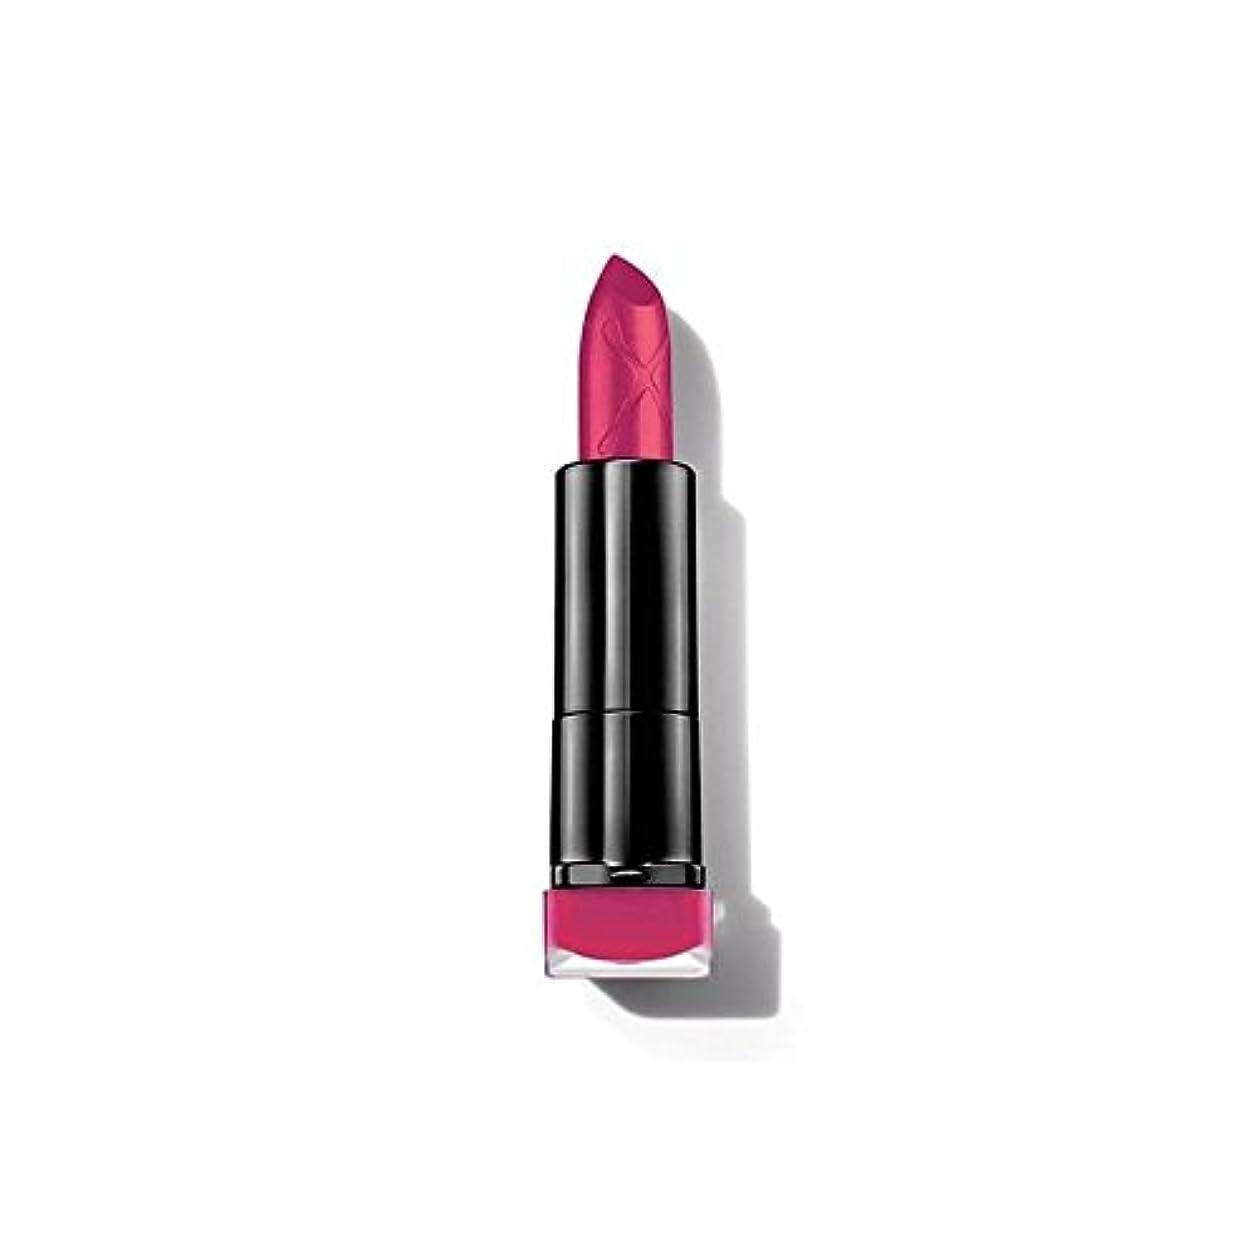 不潔厳運ぶマックスファクターカラーエリキシルマット弾丸口紅赤面25 x2 - Max Factor Colour Elixir Matte Bullet Lipstick Blush 25 (Pack of 2) [並行輸入品]